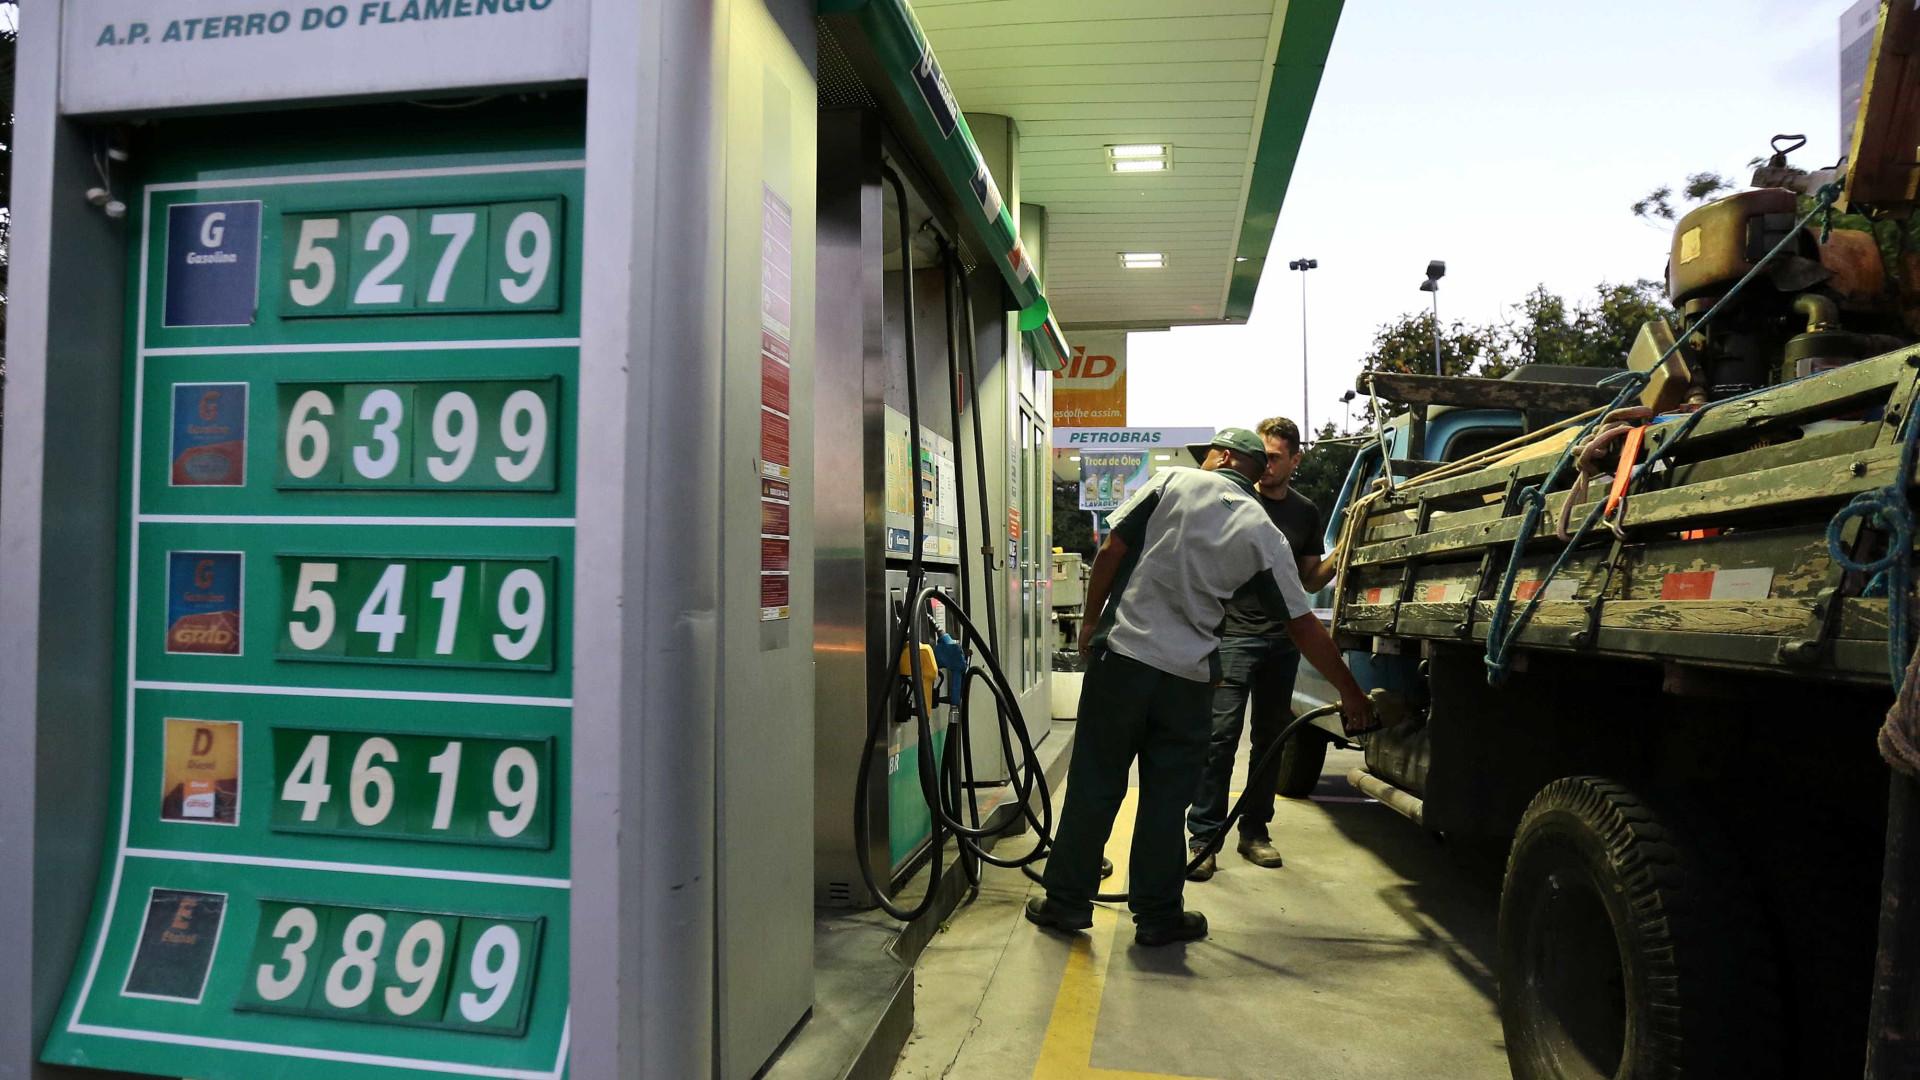 Na 1ª semana após acordo, diesel cai menos do que o prometido